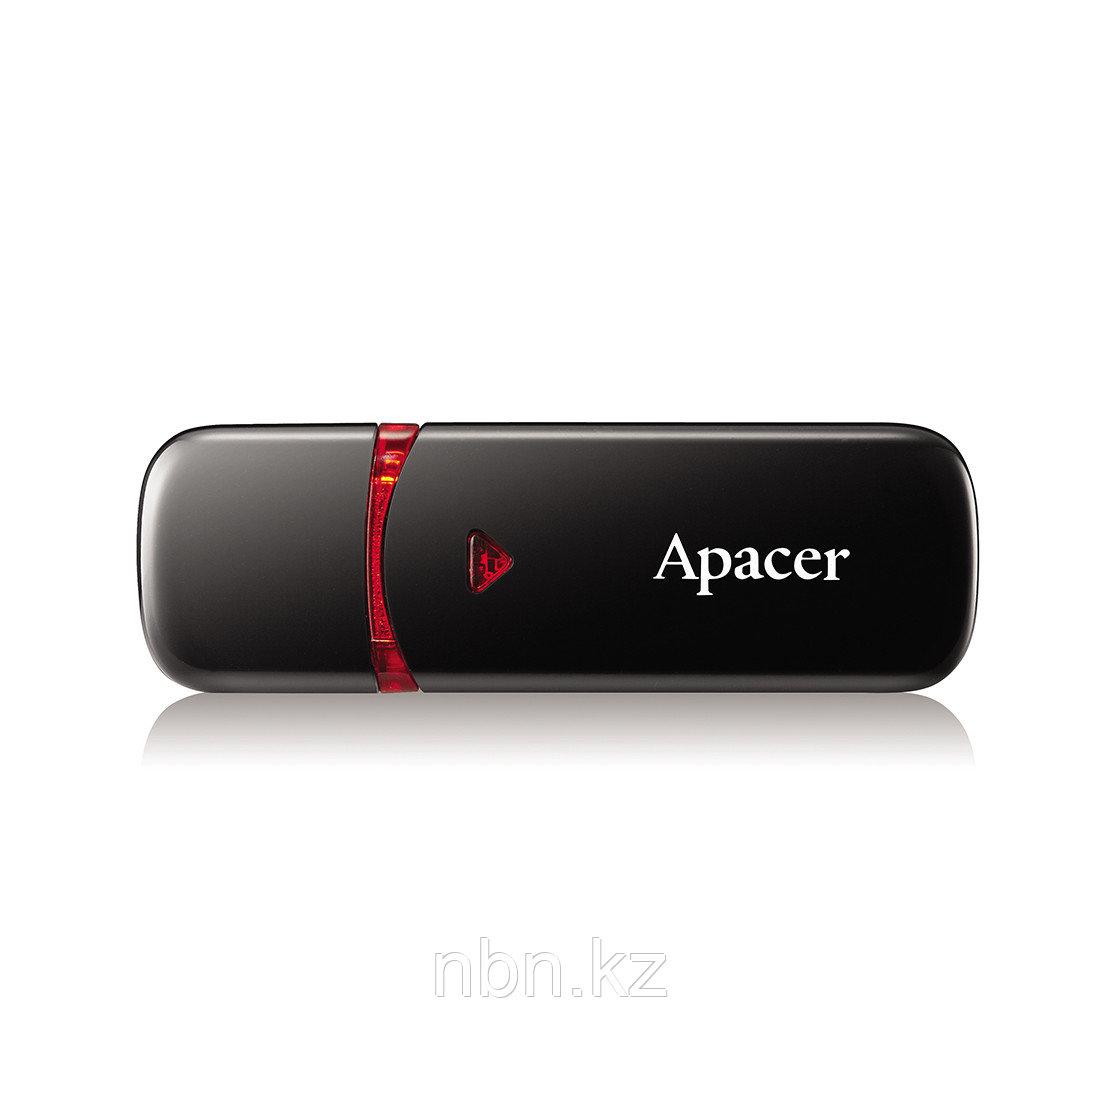 USB-накопитель Apacer AH333 64GB Чёрный - фото 1